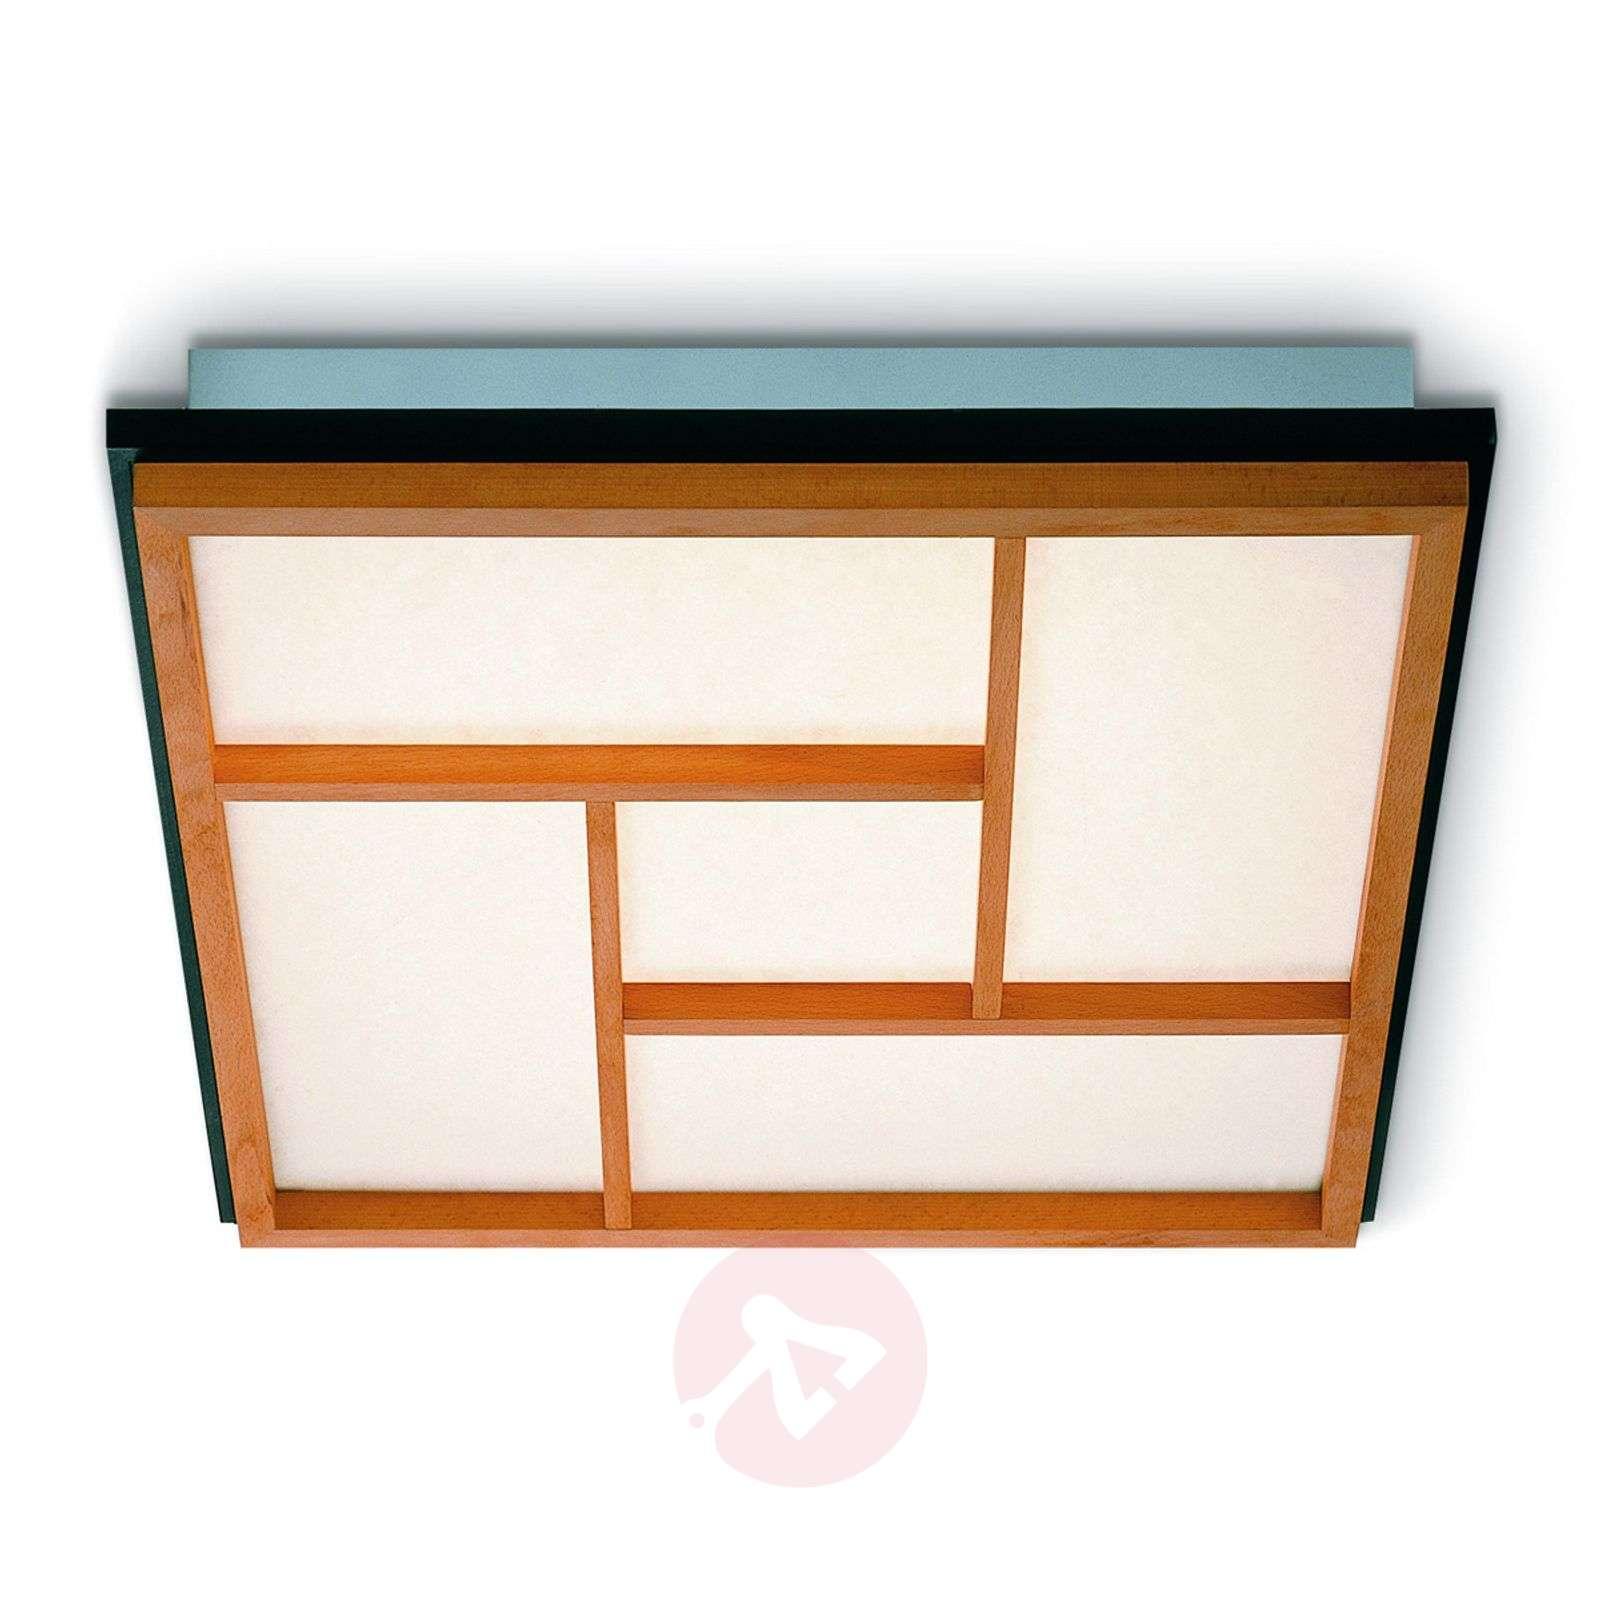 Kioto 5 LED-kattolamppu pyökistä-2600512-01